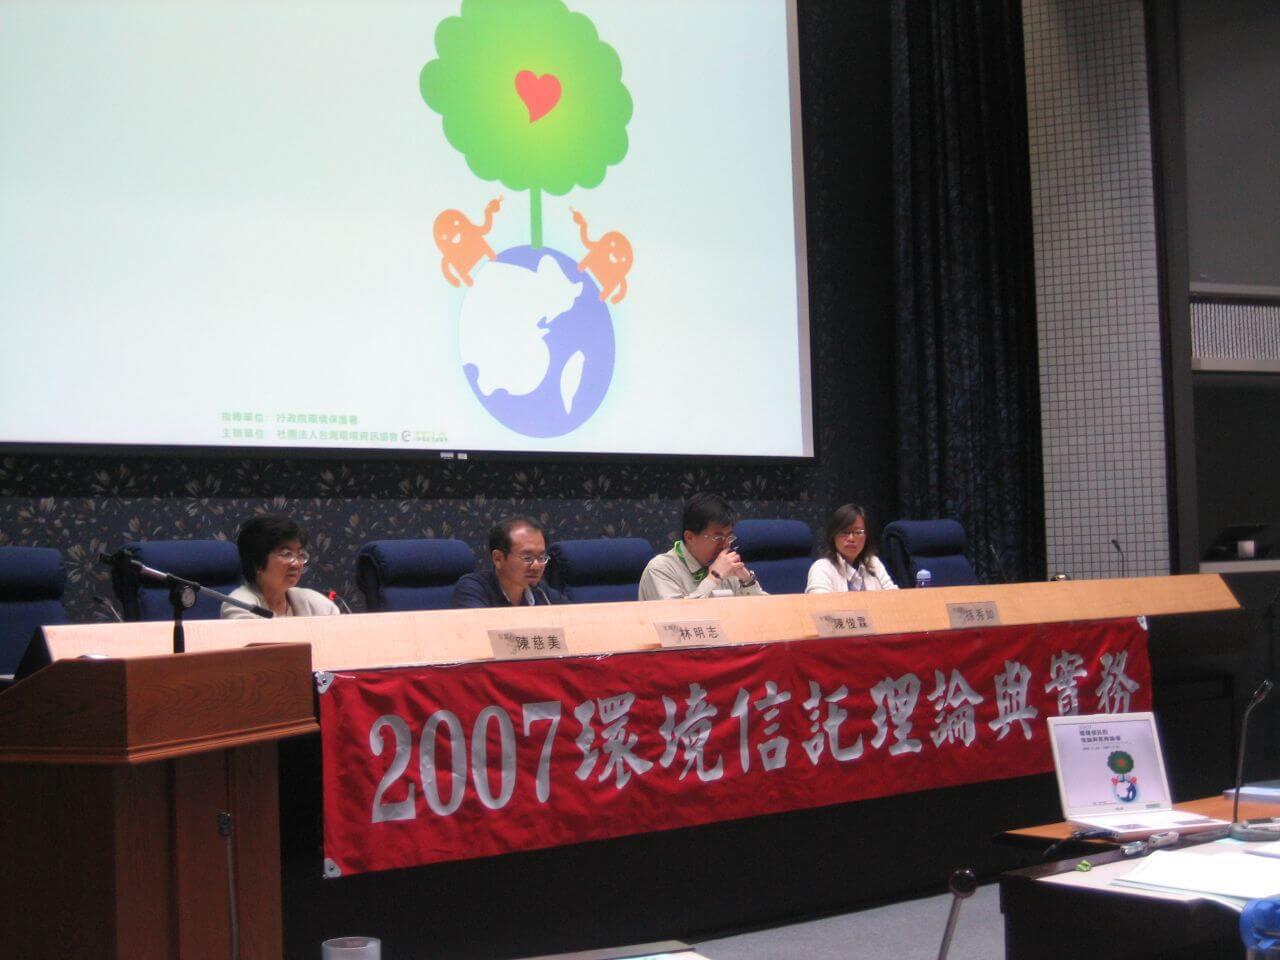 環境日前夕 對台灣推展環境信託的期待